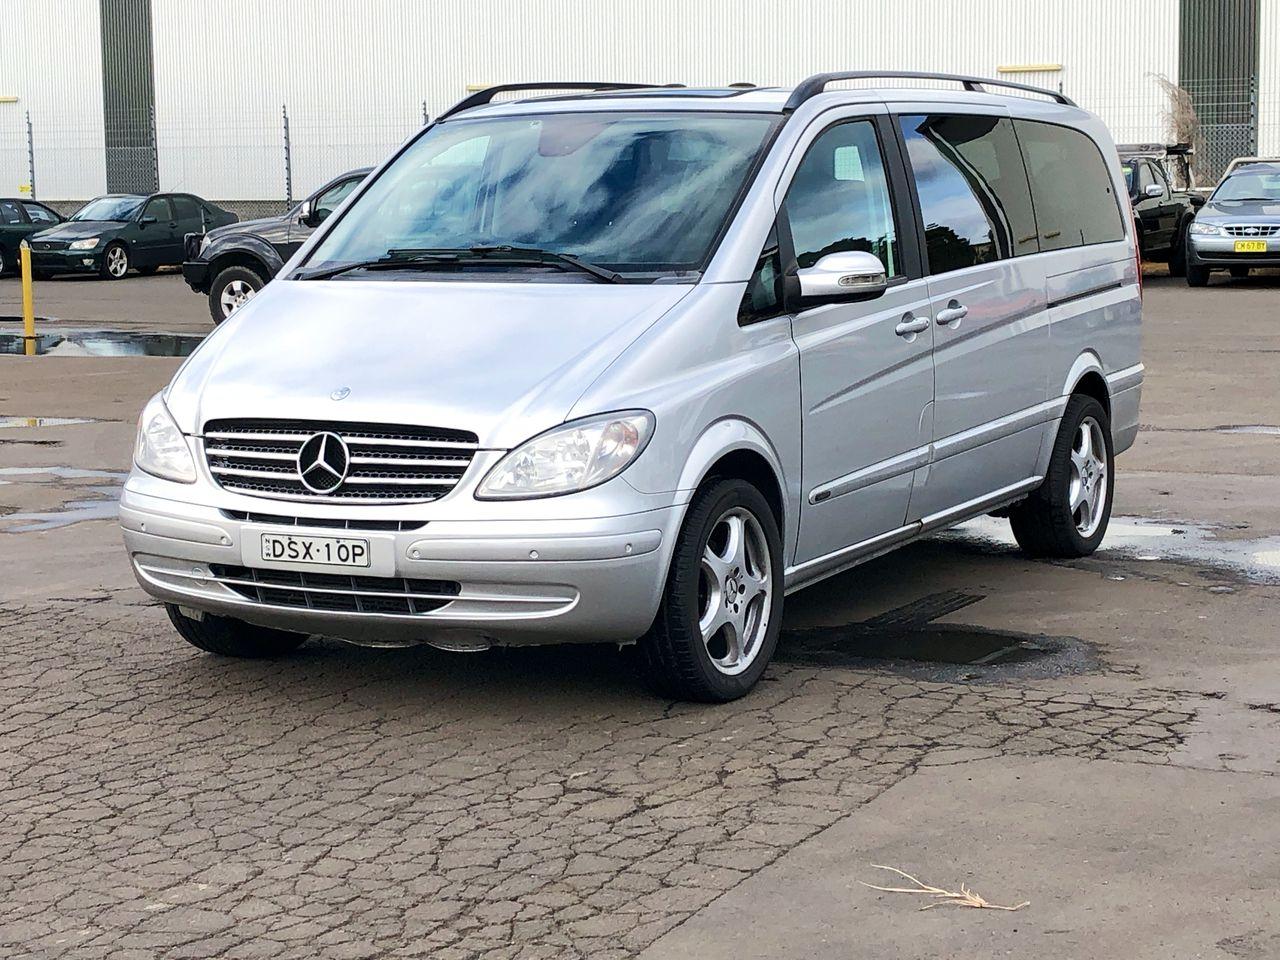 2006 (Comp) Mercedes Benz Viano CDI 2.2 Ambiente T/Diesel Auto 8 Seats